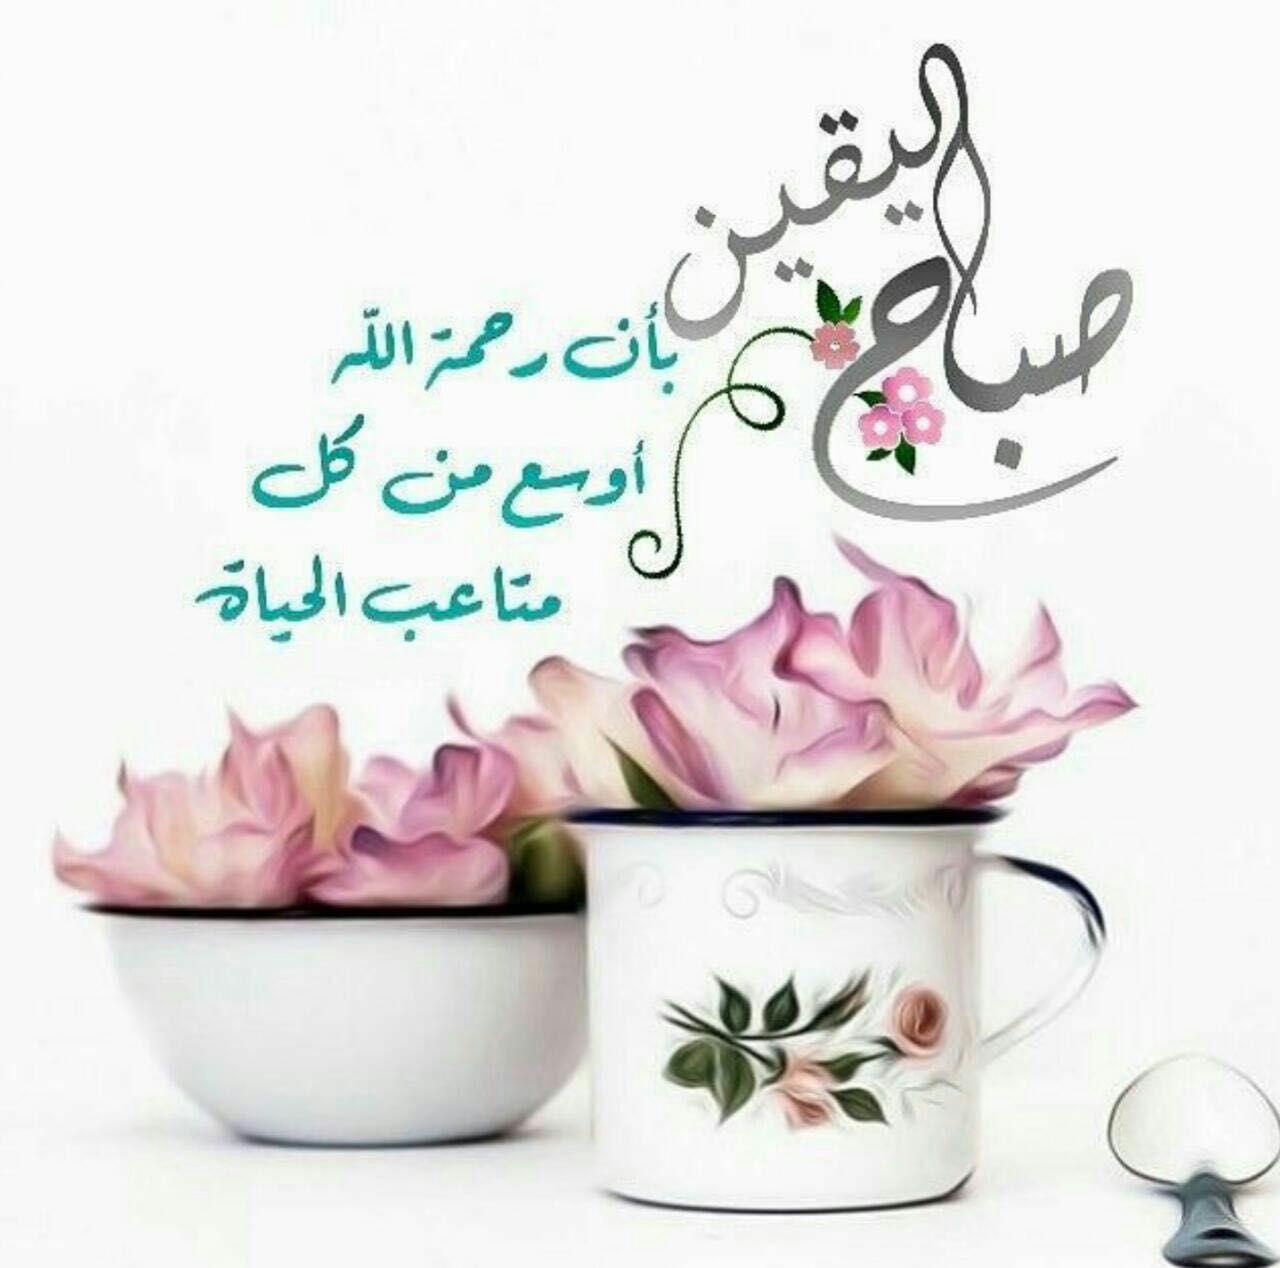 بالصور رسالة صباحية , اروع الرسائل الصباحية 3696 3